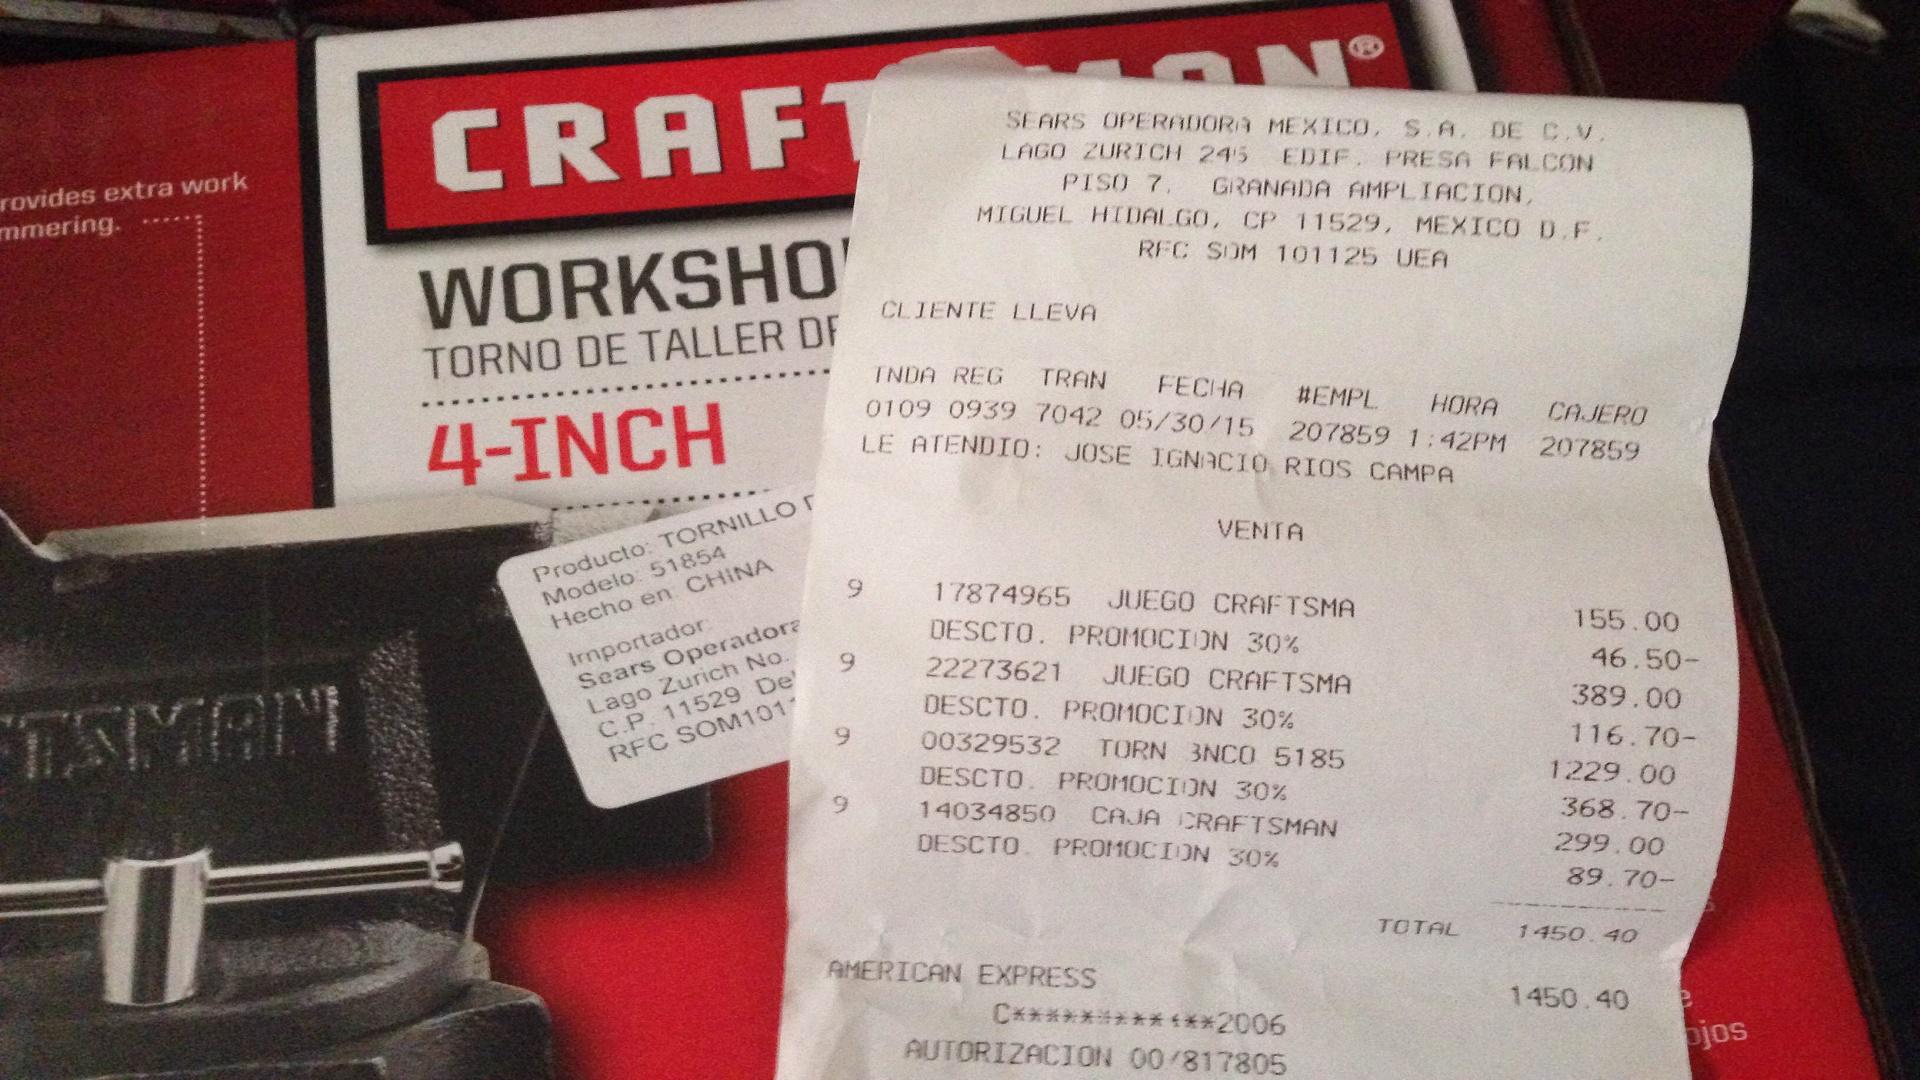 Sears: Herramientas Craftsman con 30% de descuento